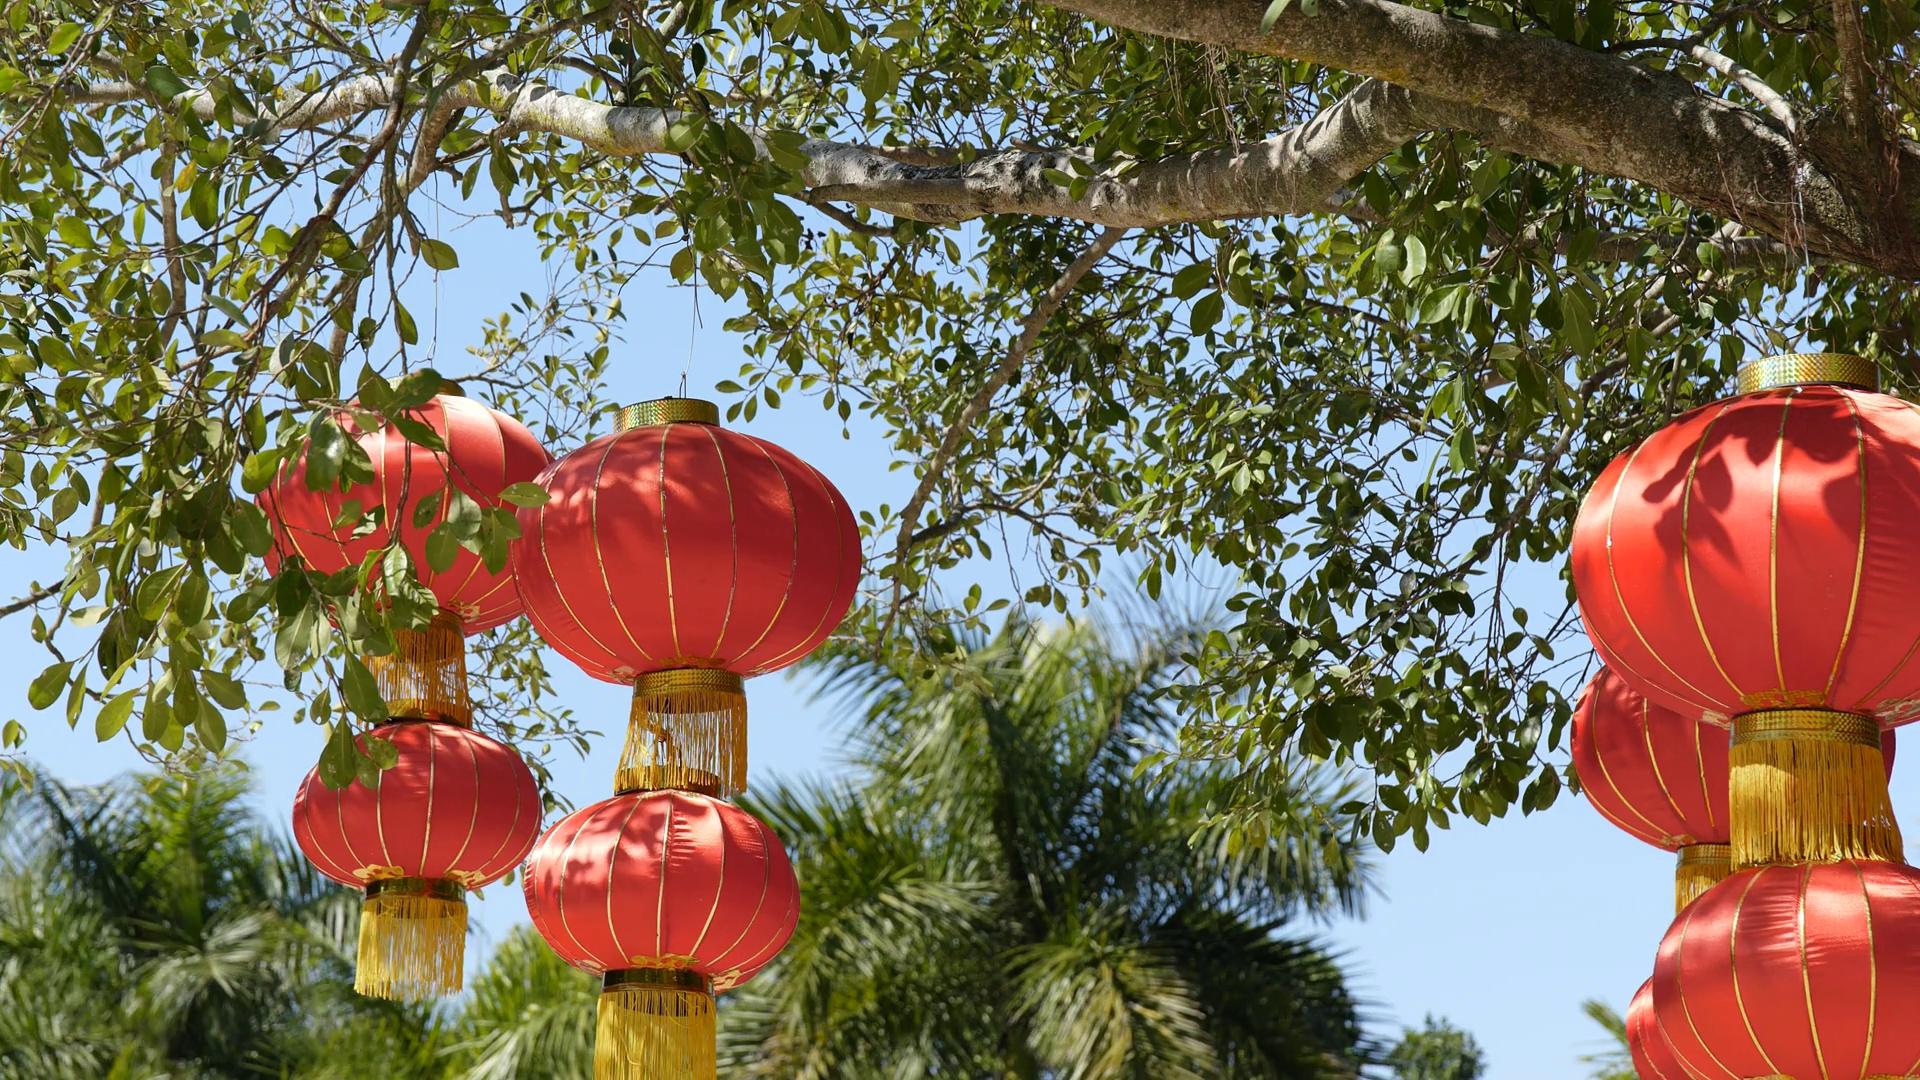 Chinese Red Lantern Hanging At Outdoor Stock Video Footage - Videoblocks regarding Outdoor Oriental Lanterns (Image 3 of 20)